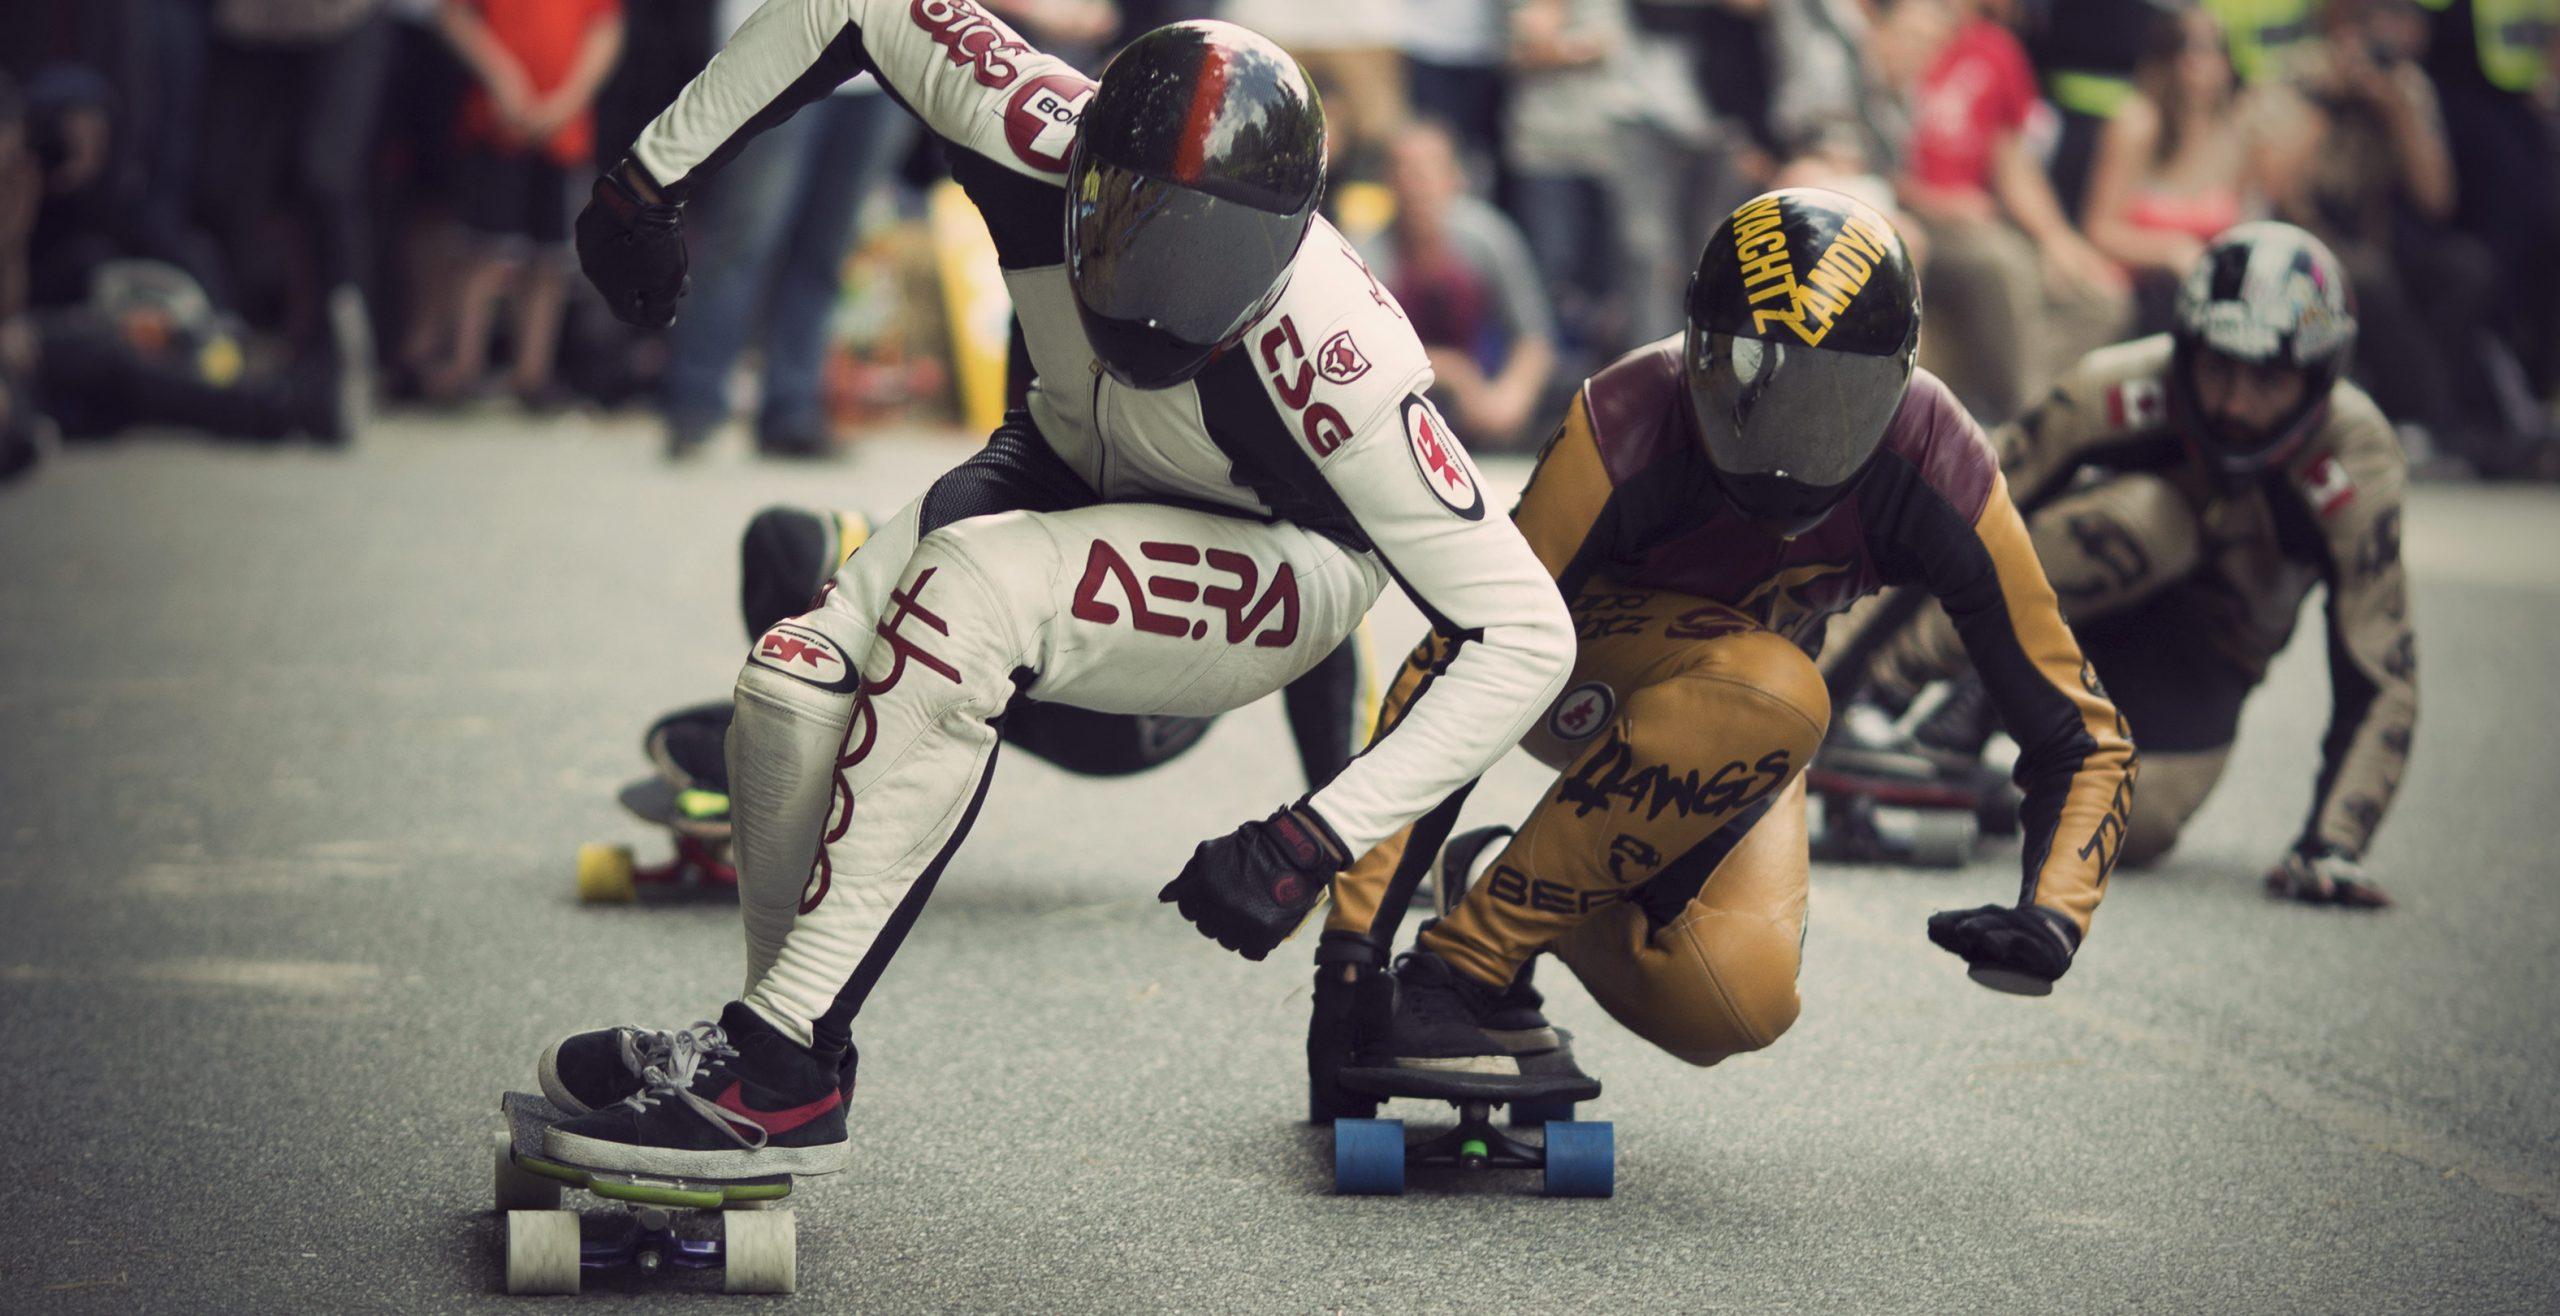 Kevin Reimer downhill skateboarding